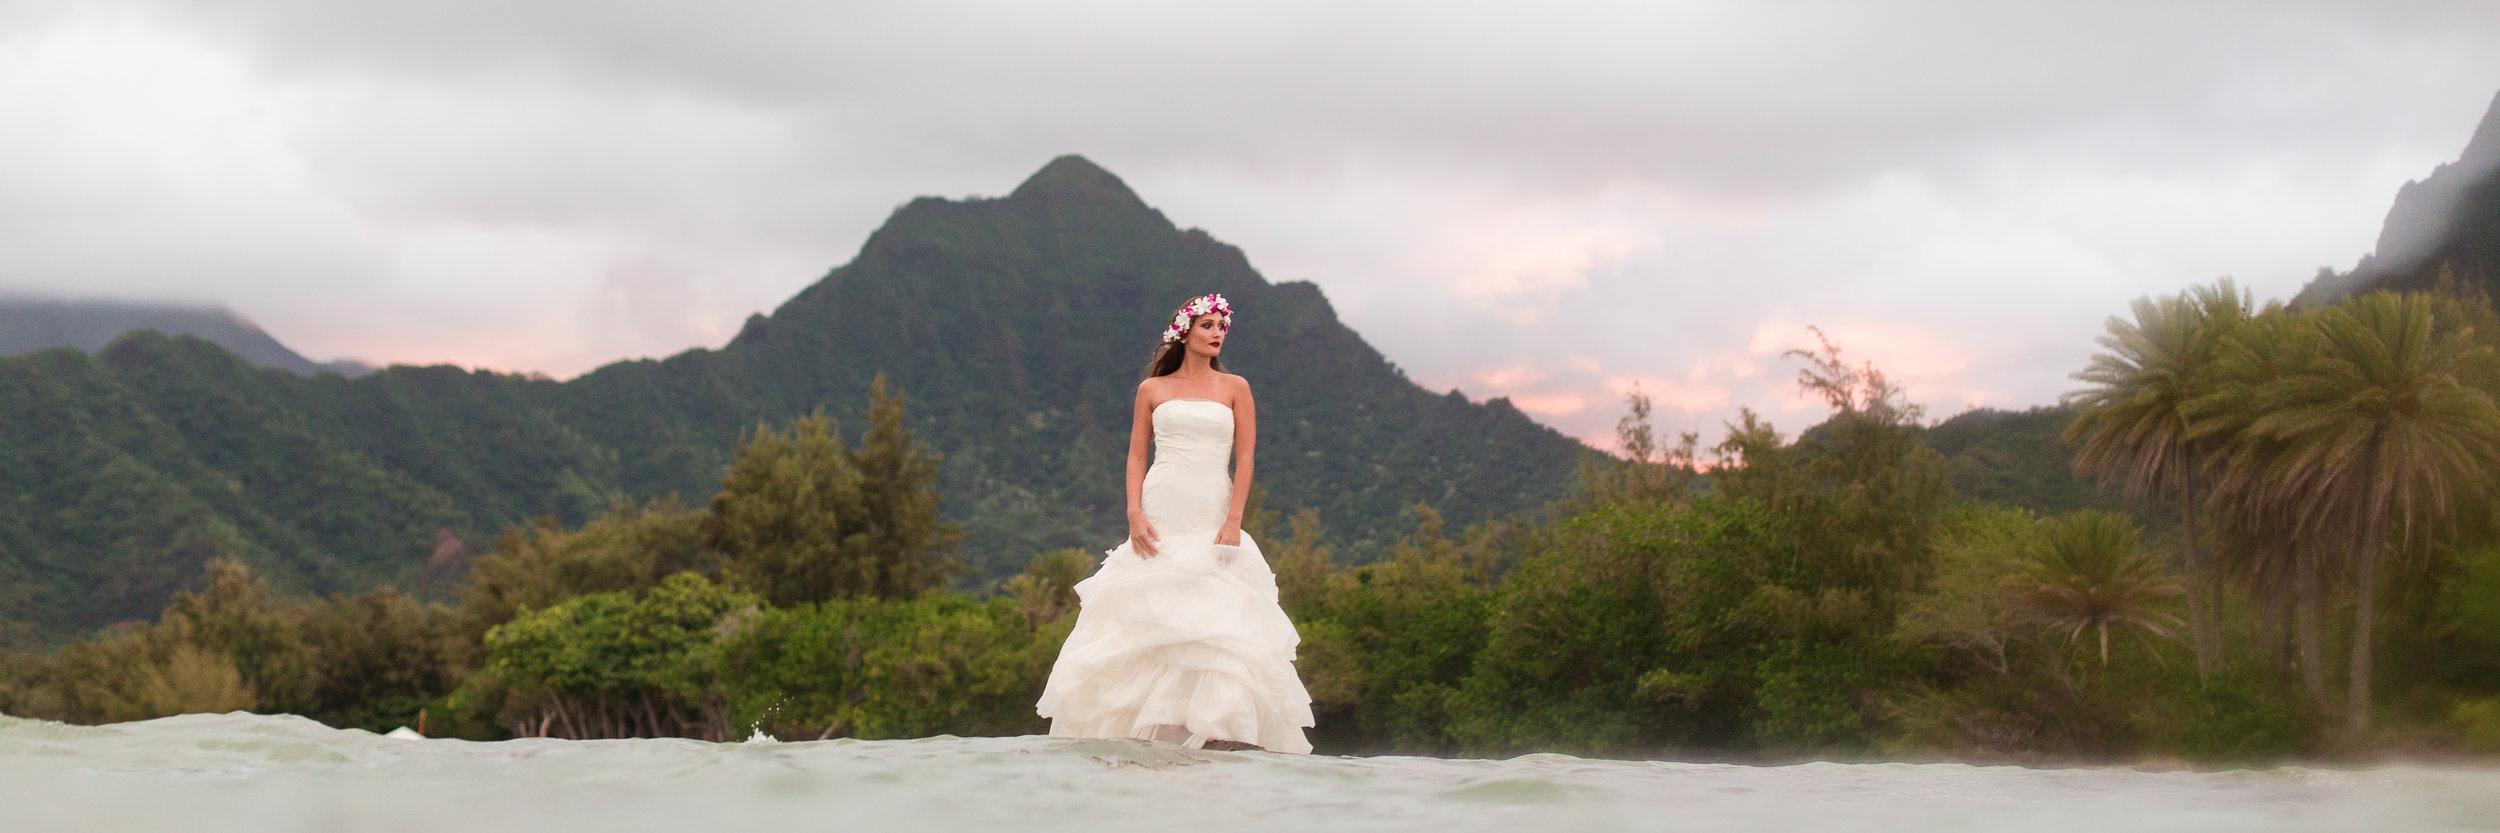 Kuoloa Ranch Hawaii Wedding